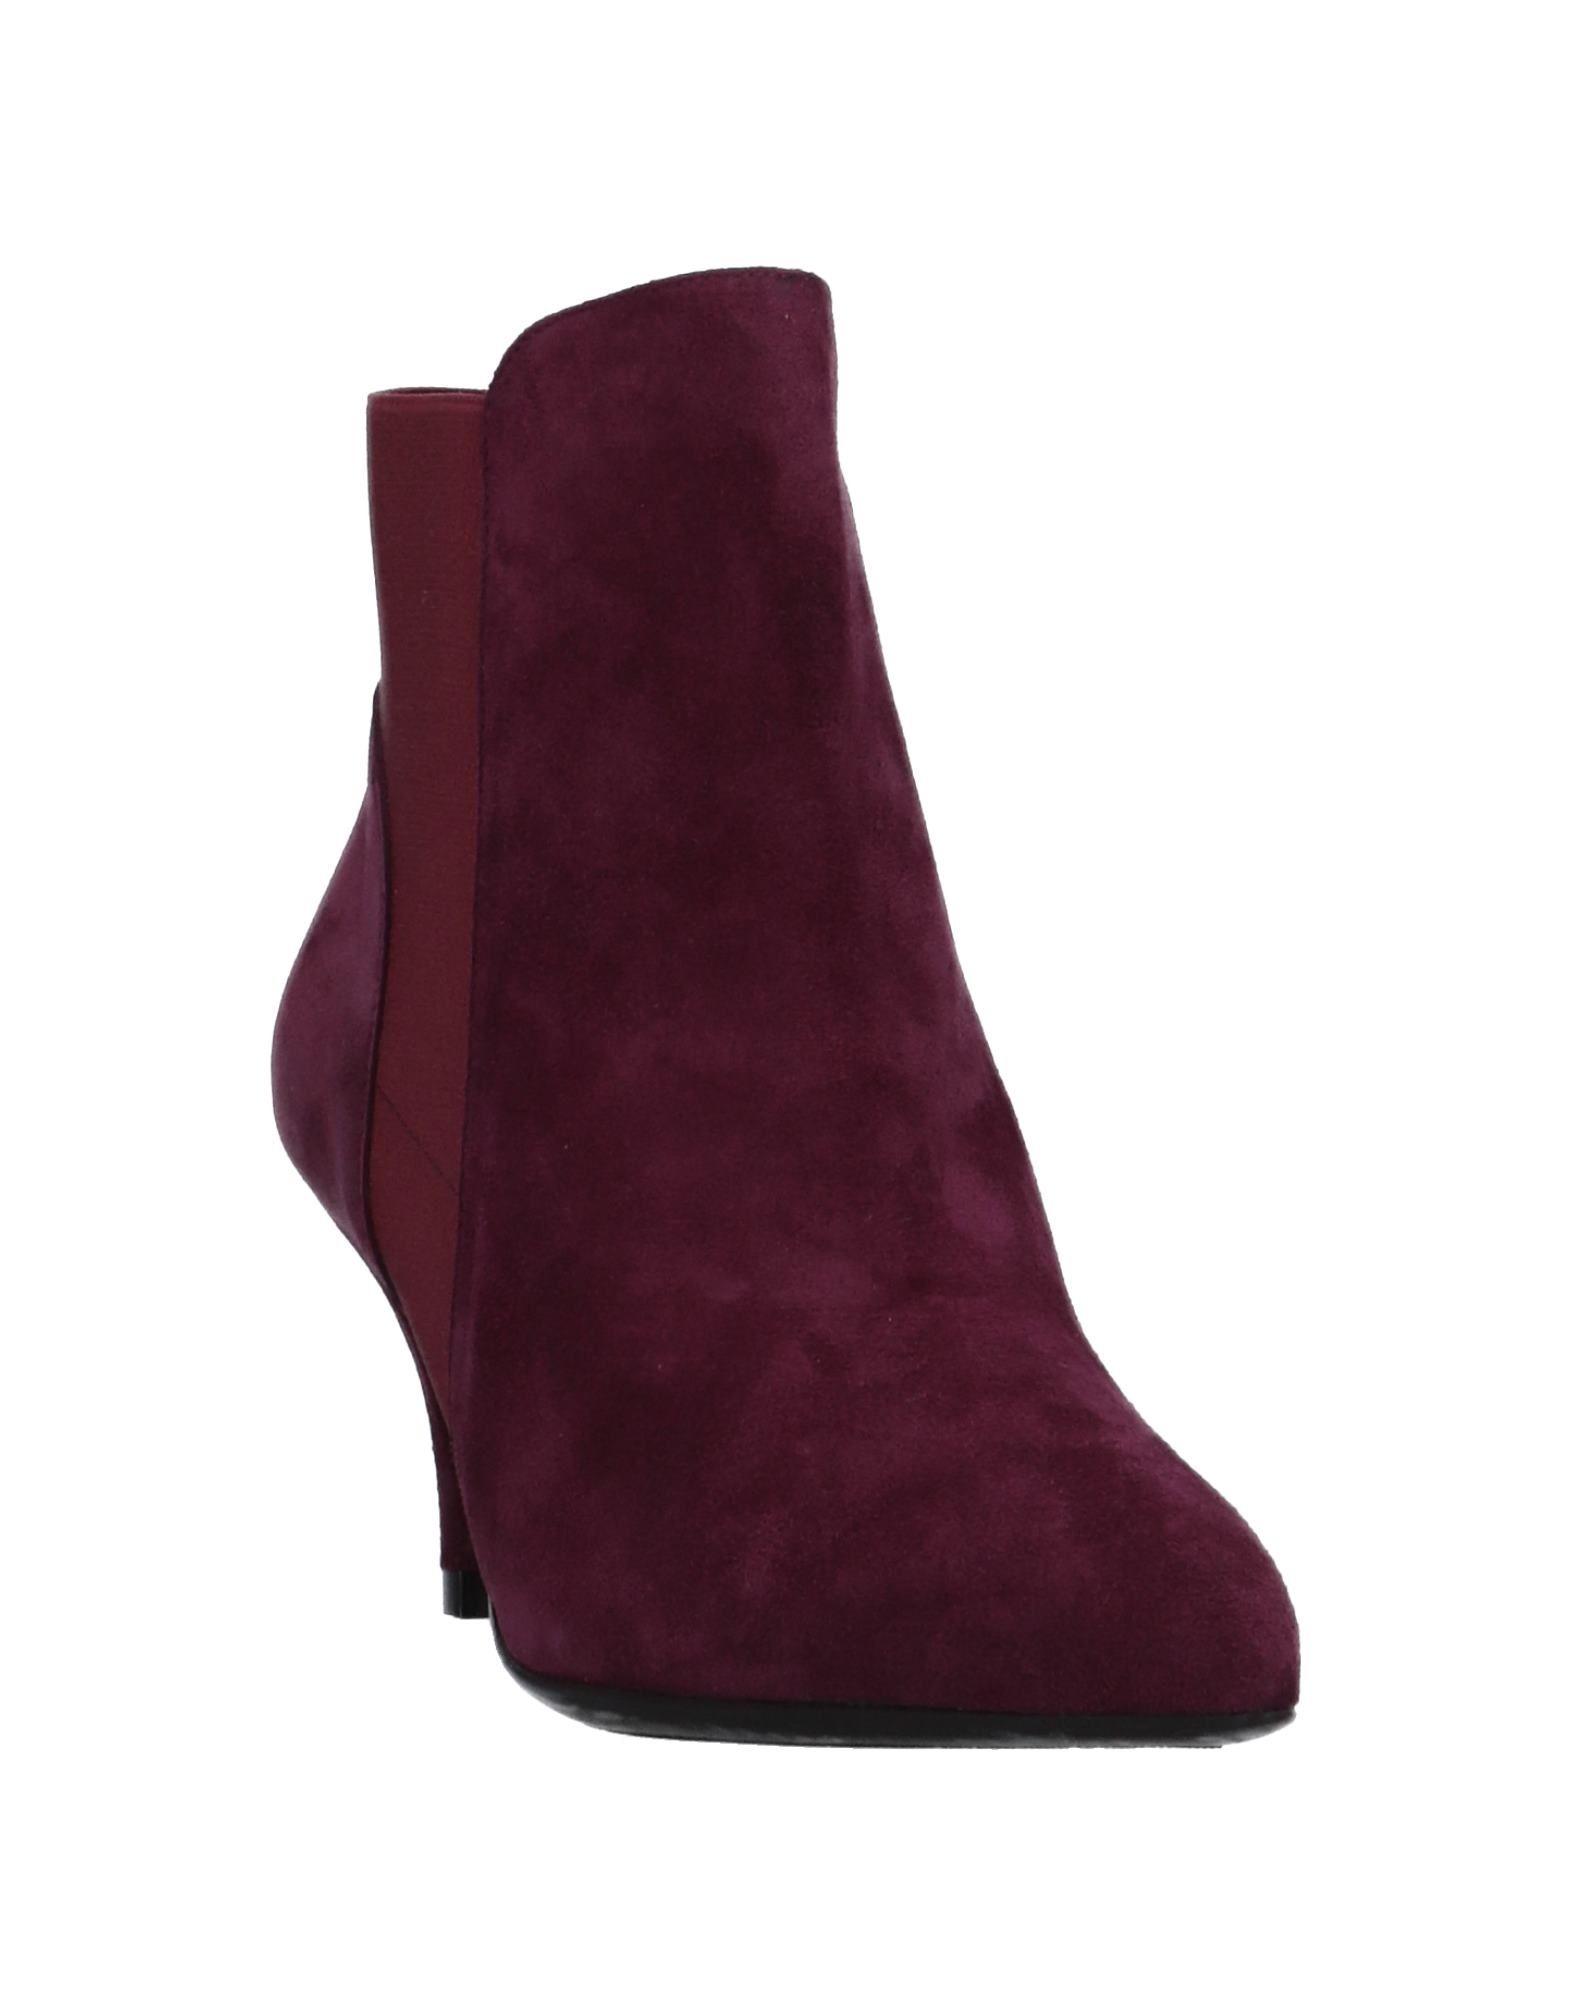 Haltbare Mode billige Schuhe C.Waldorf Stiefelette Damen  11534138AL Heiße Schuhe